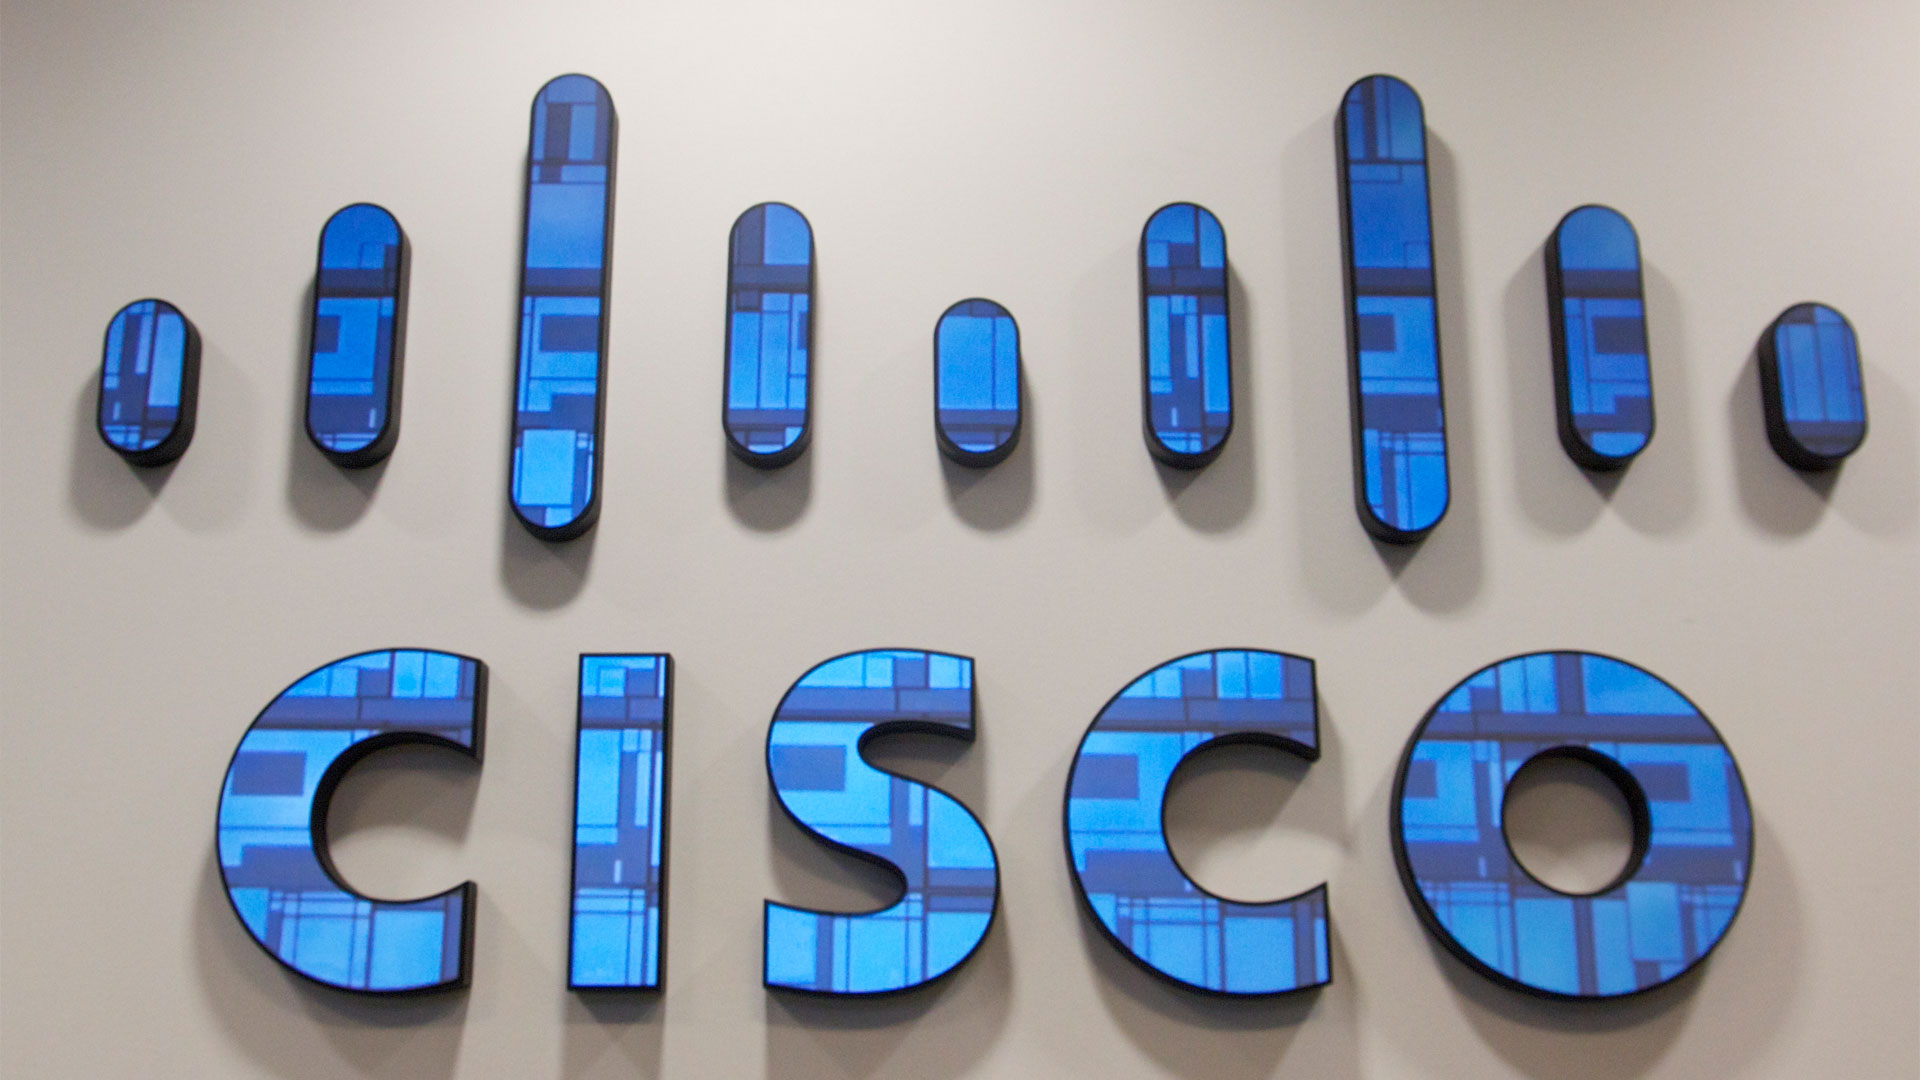 Cisco патчит критические уязвимости в составе NX-OS и FXOS